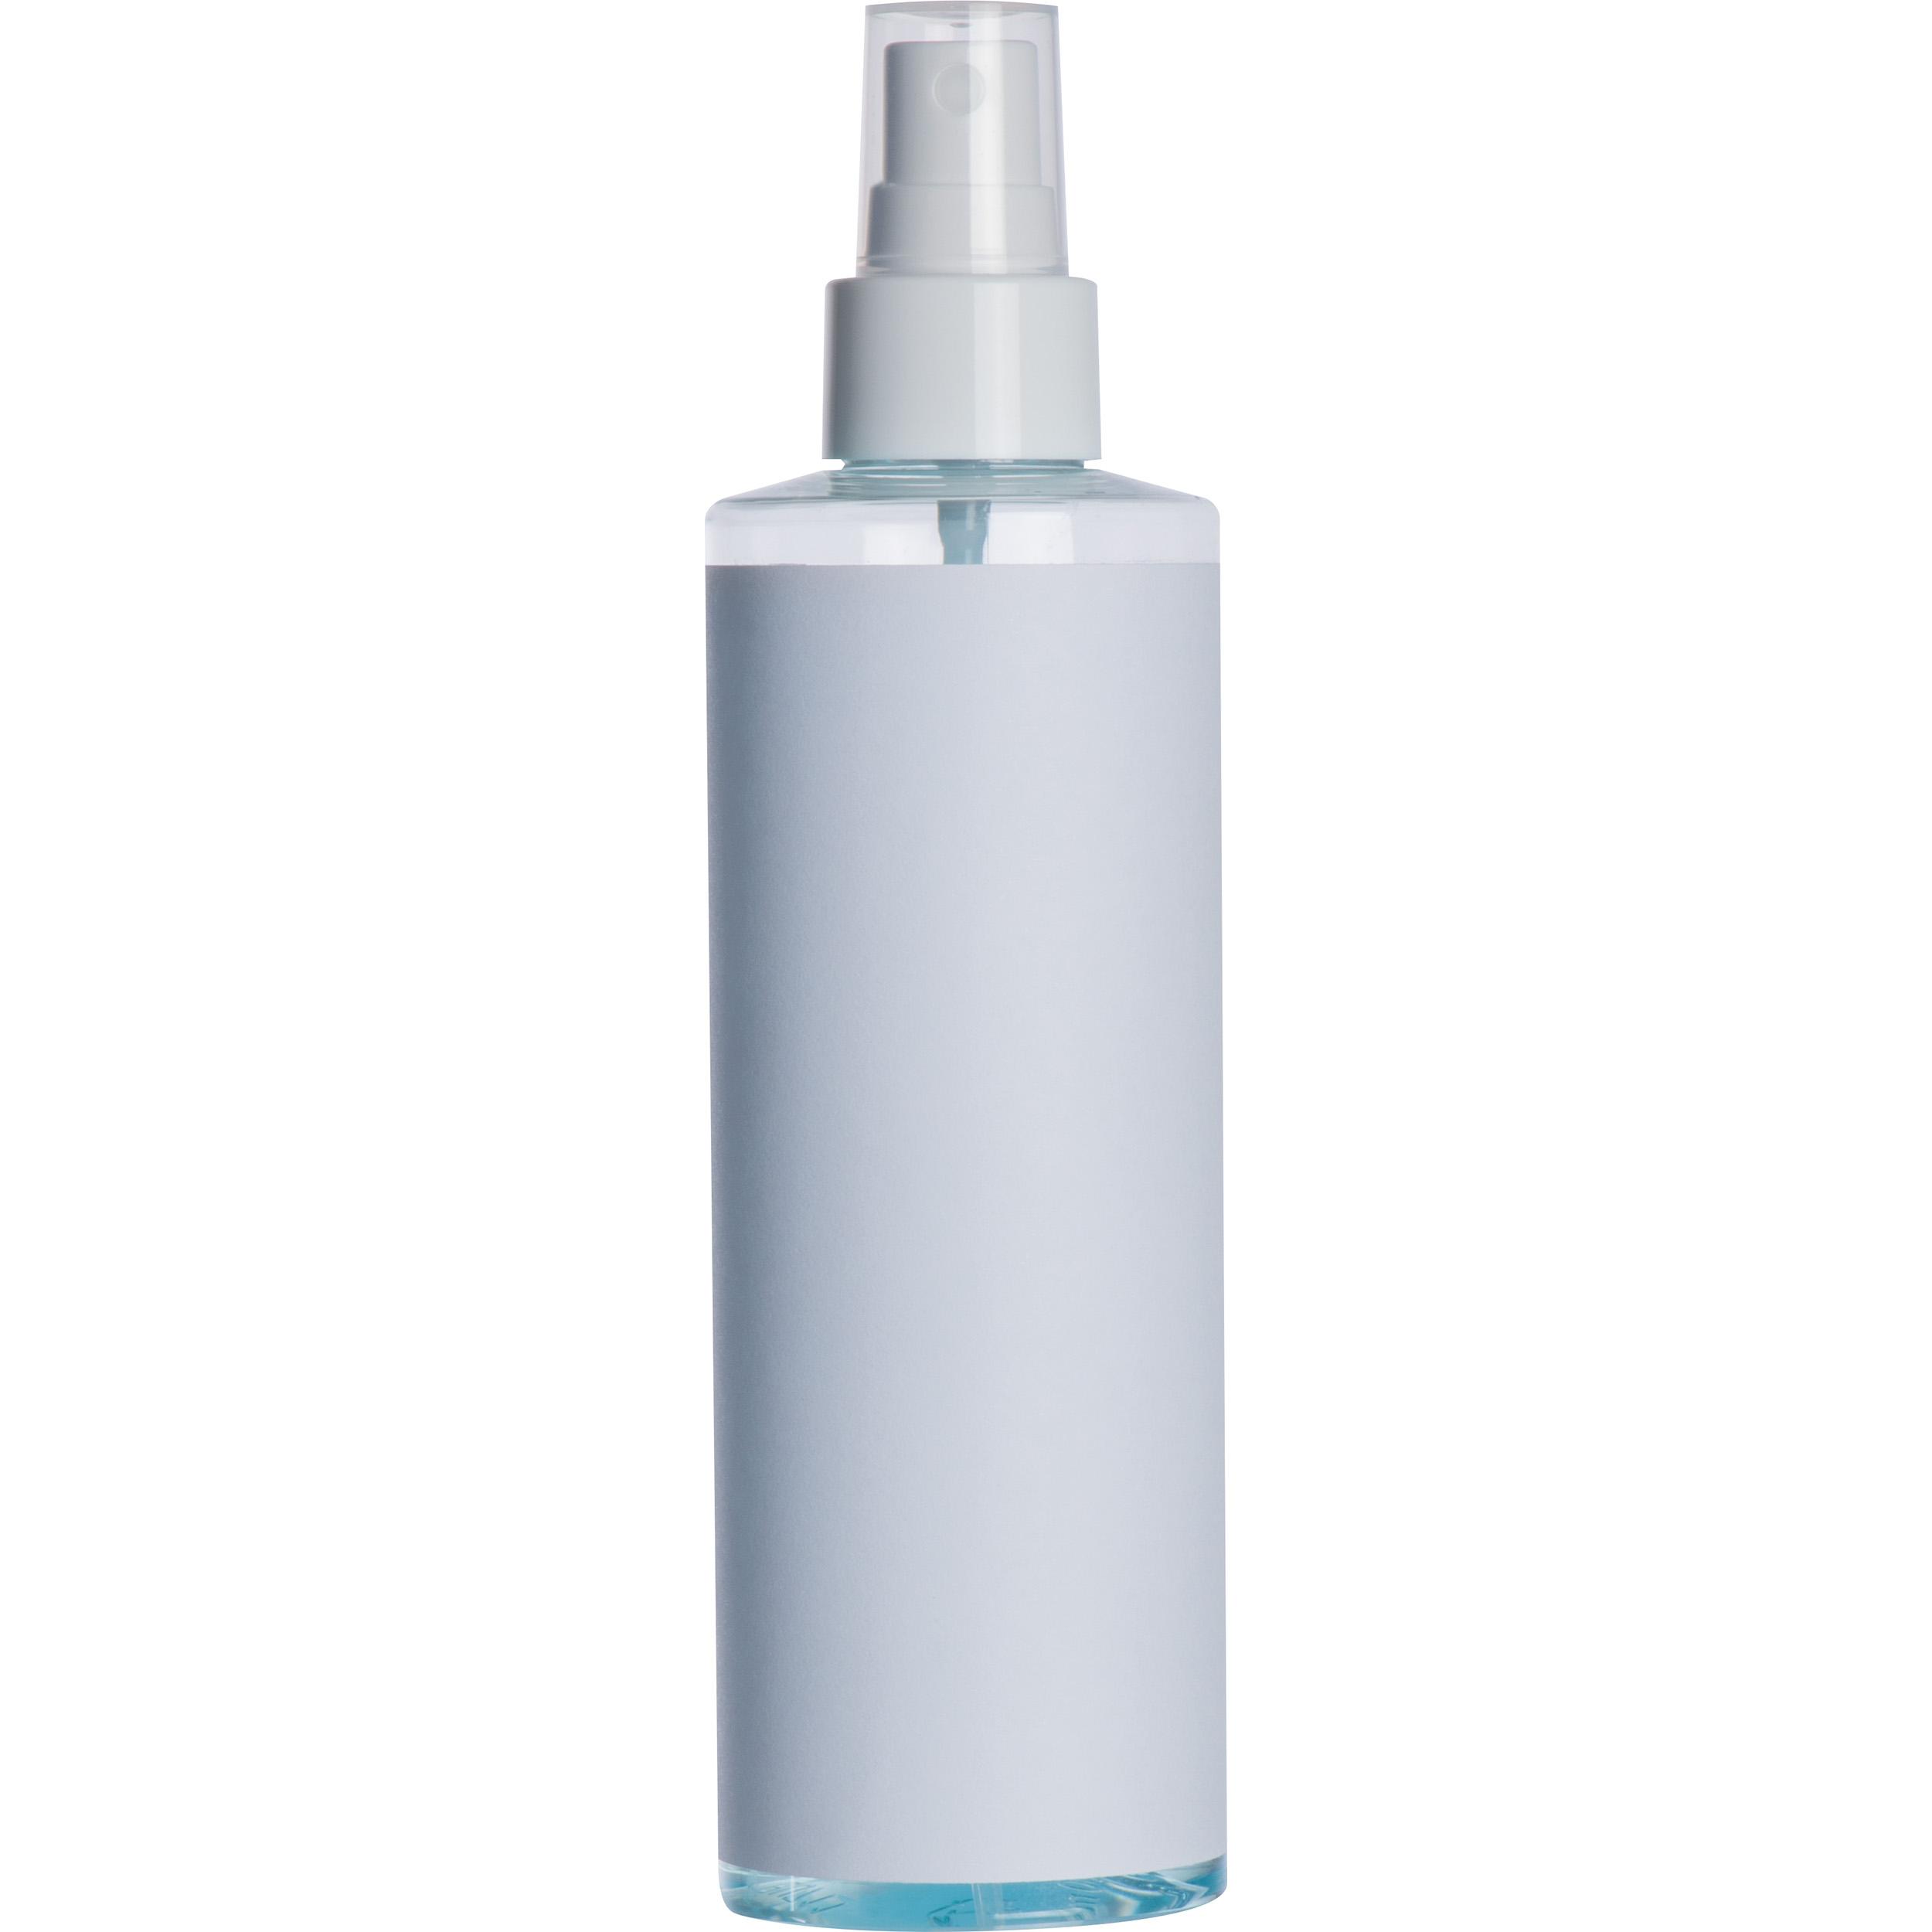 Desinfection spray